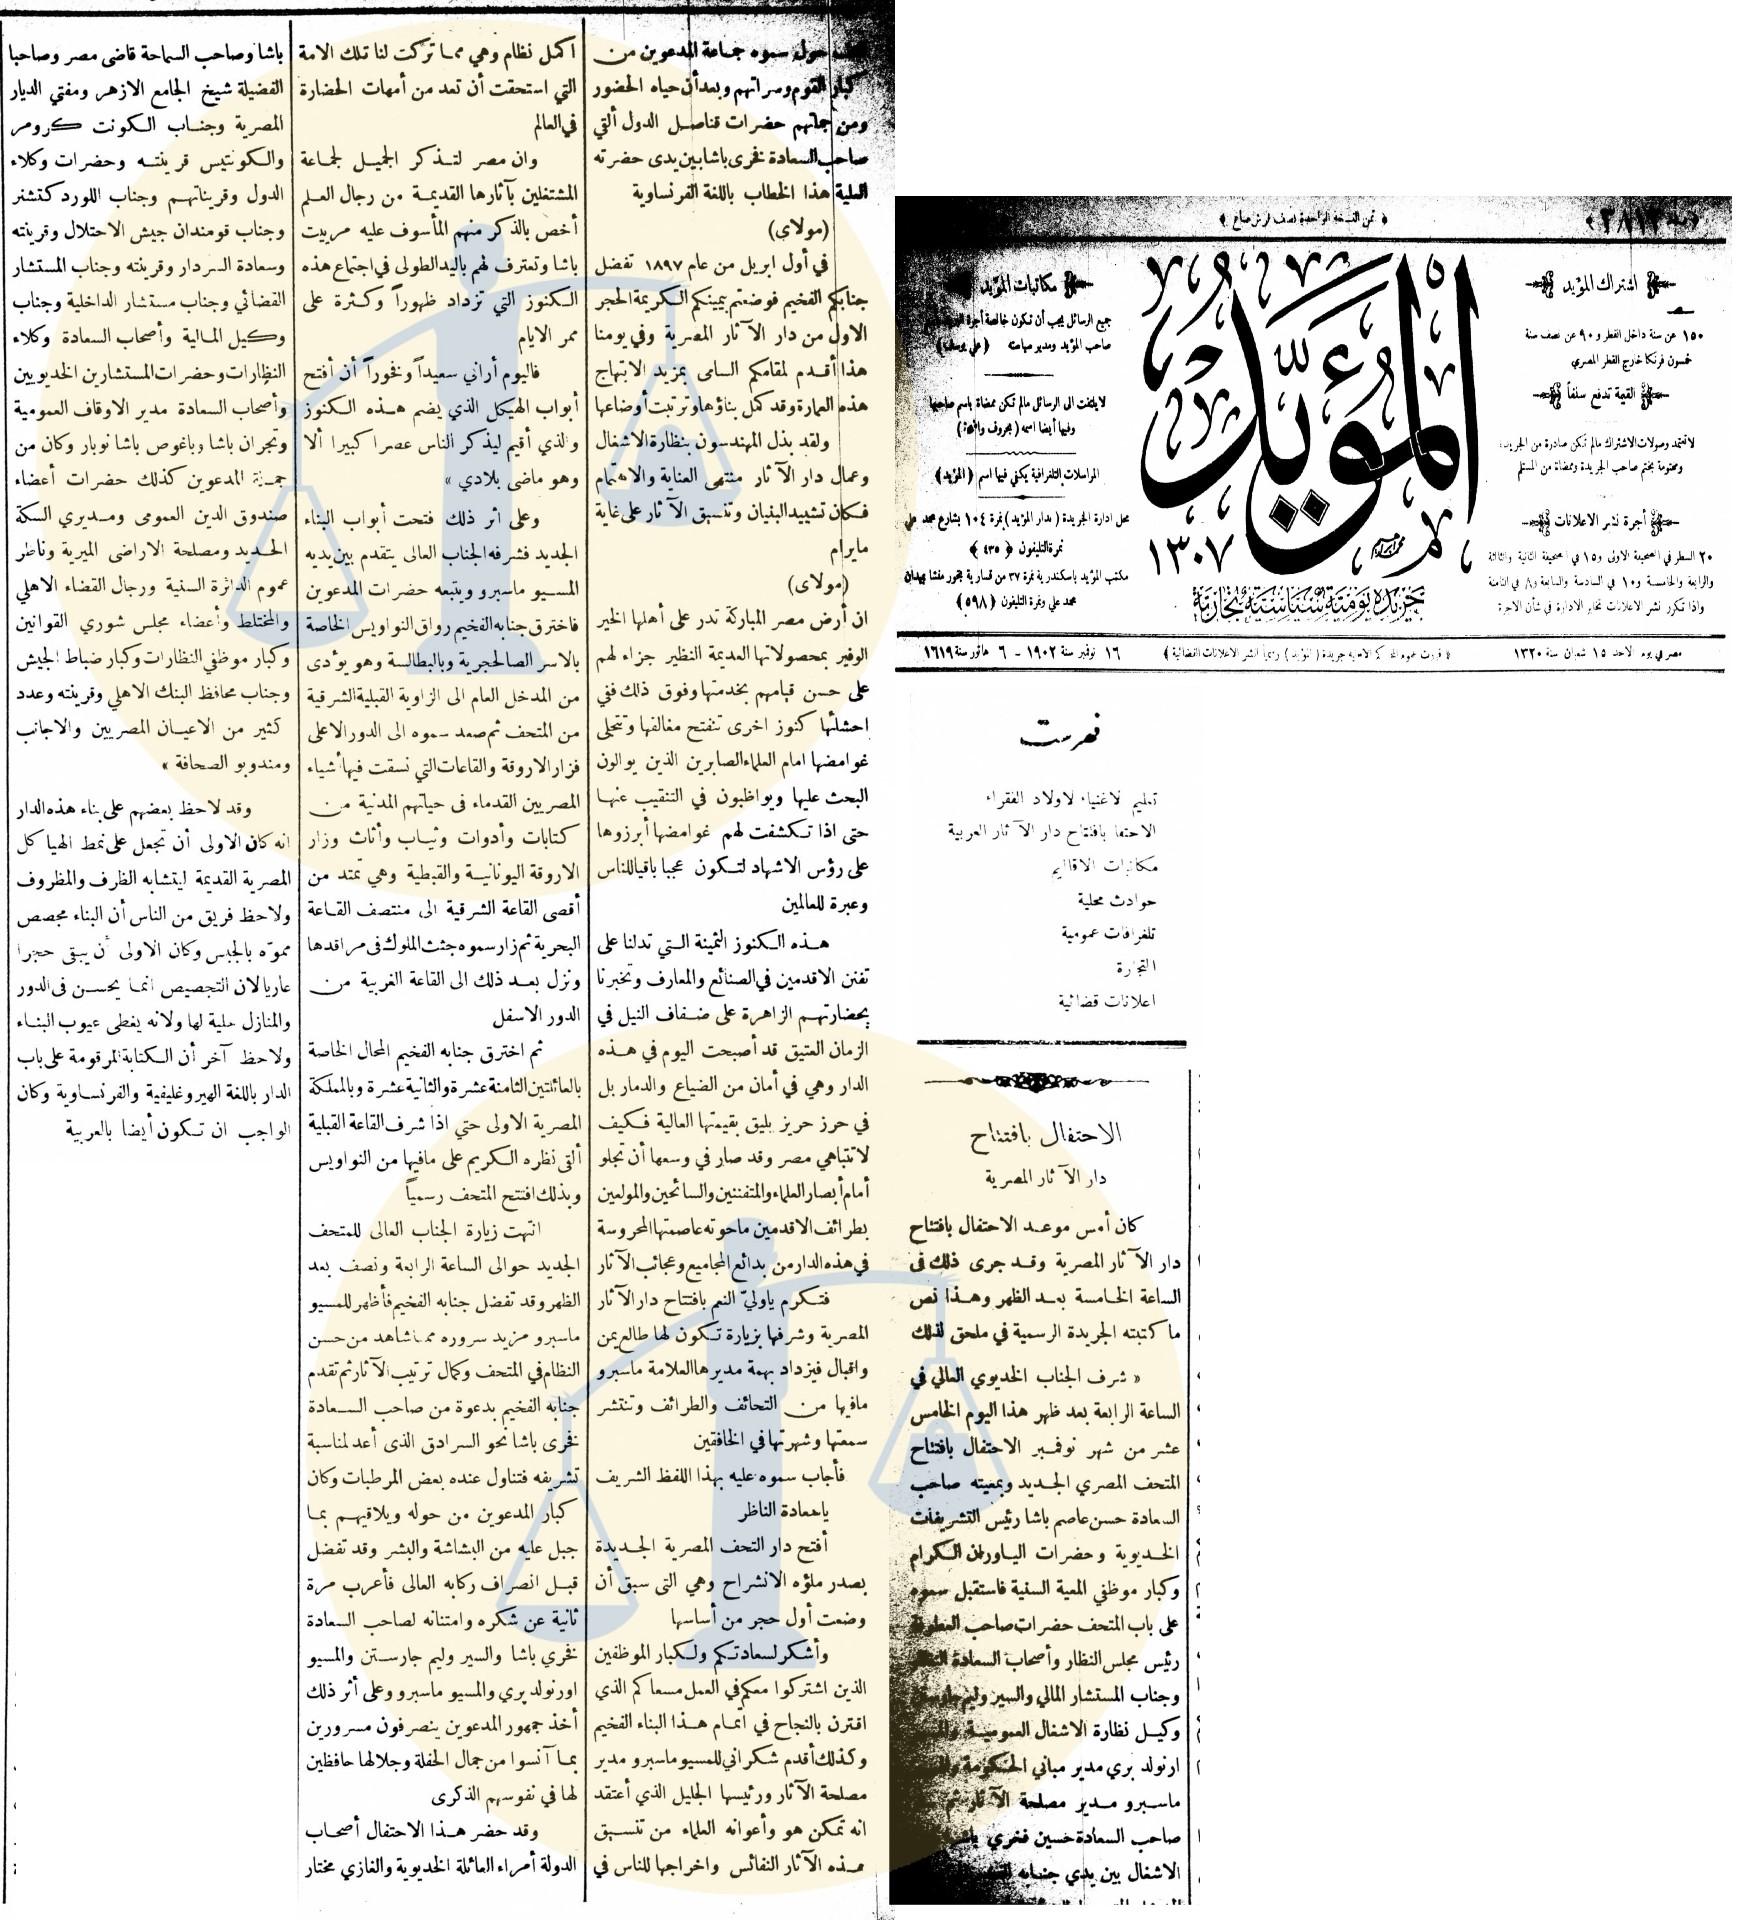 خبر افتتاح المتحف وحضور شيخ الأزهر والمفتي